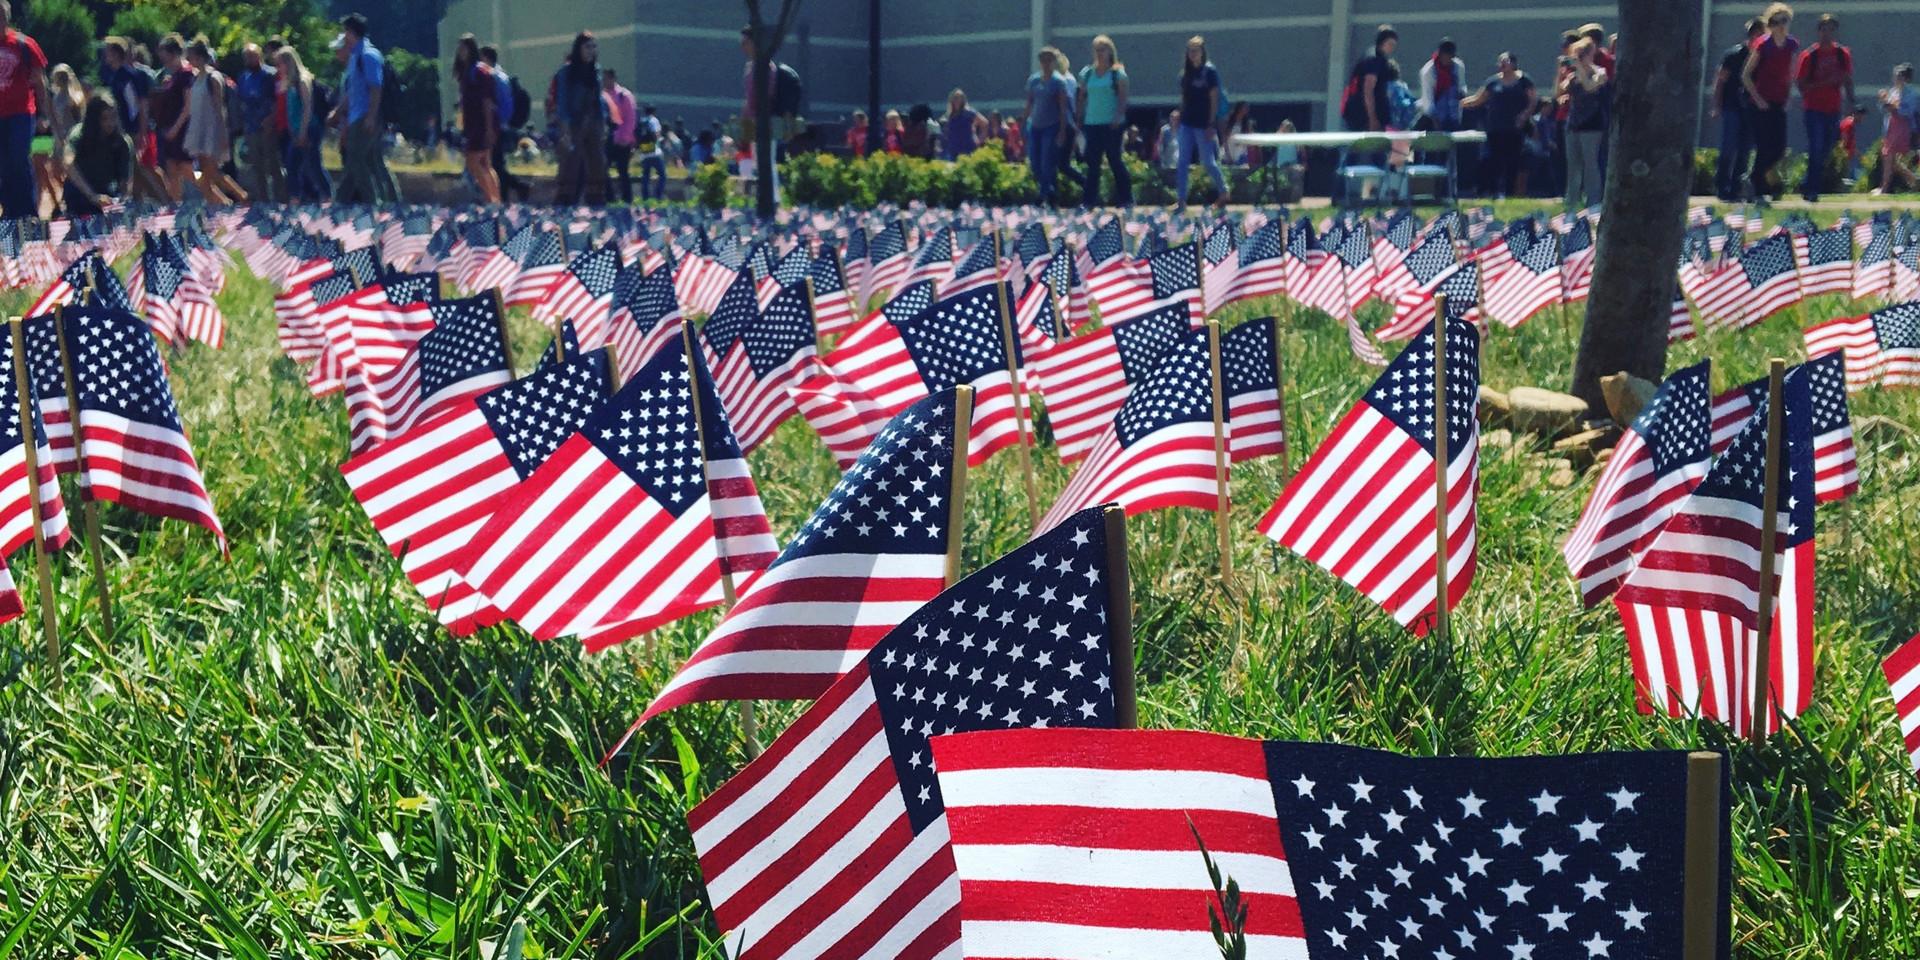 9/11 Memorial Liberty